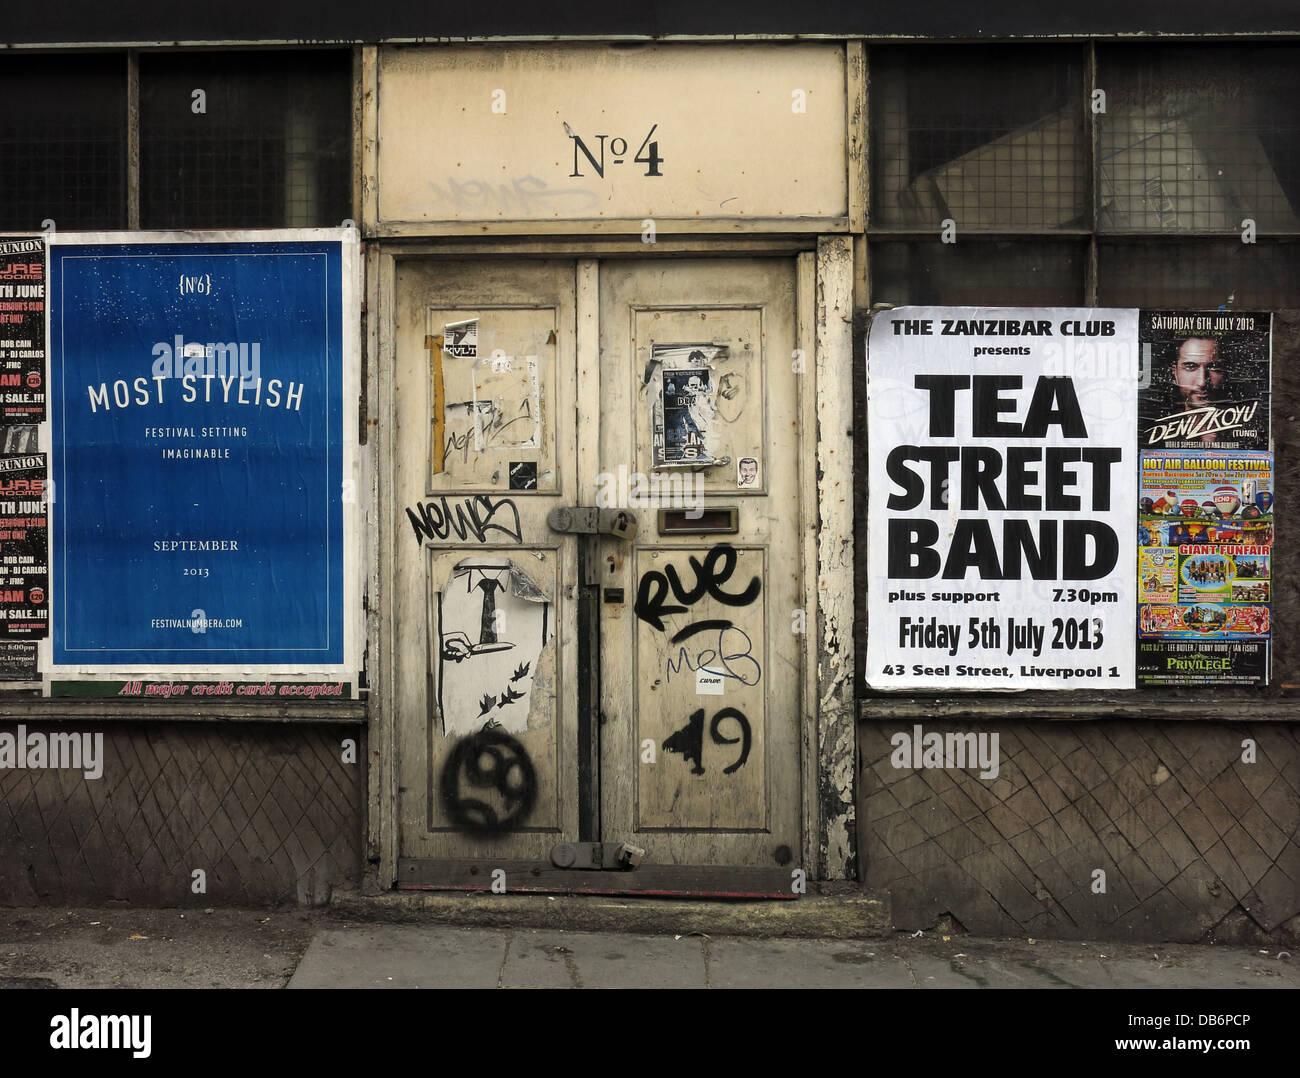 Laden Sie dieses Alamy Stockfoto Nr. 4, alte Tür, verlassenen Gebäude mit Plakaten, Liverpool, Merseyside, North West England, Großbritannien - DB6PCP